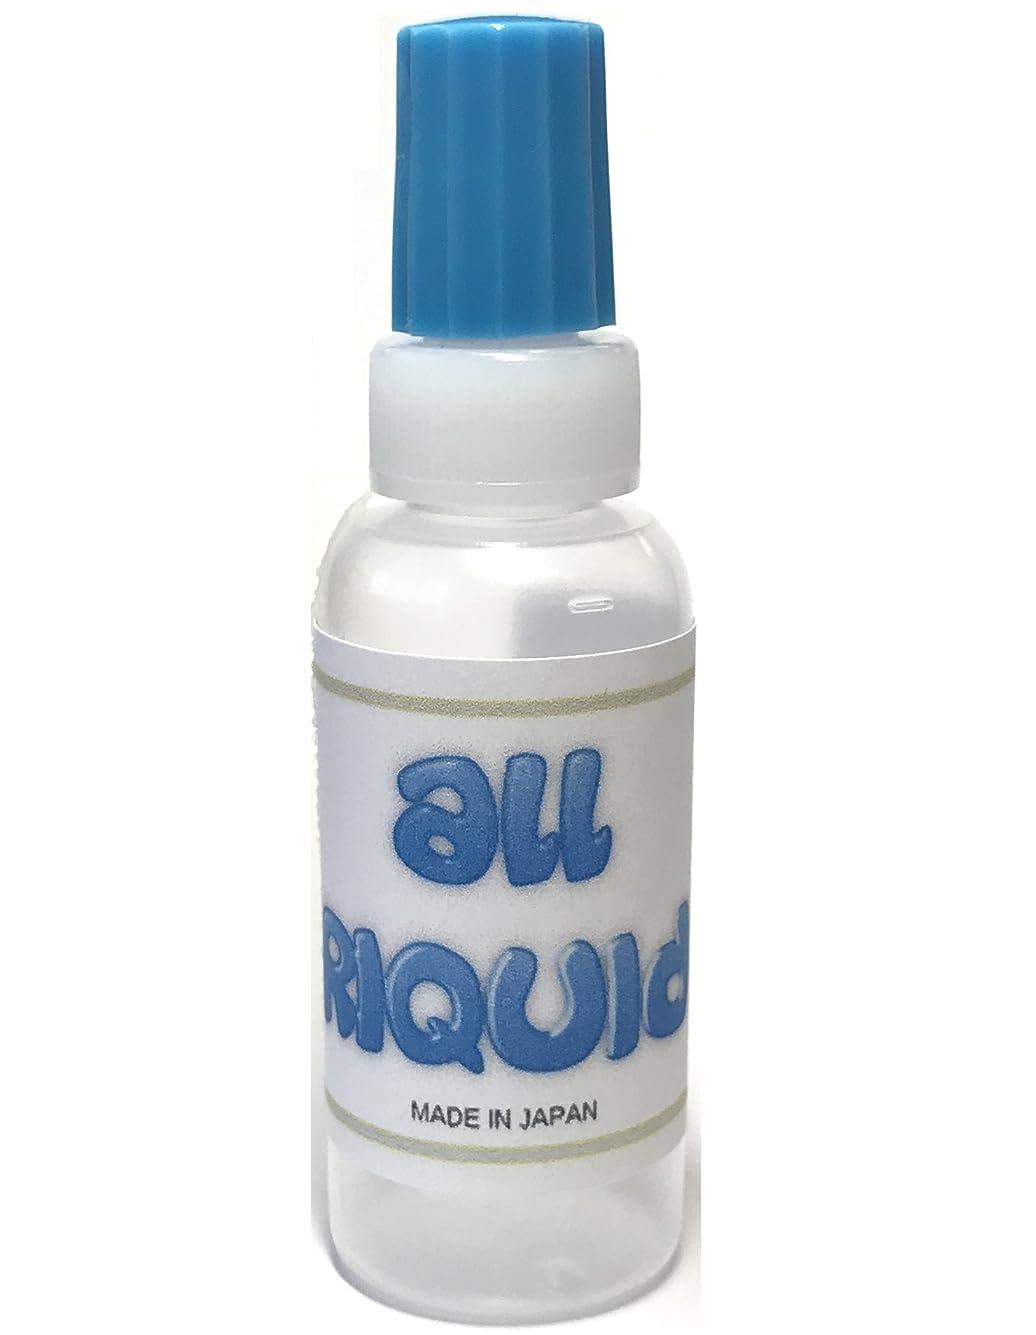 変装かすれた(ALL LIQUID) 国産 ココナッツ アロマオイル エッセンシャルオイル 20ml 大容量 ボトル容器